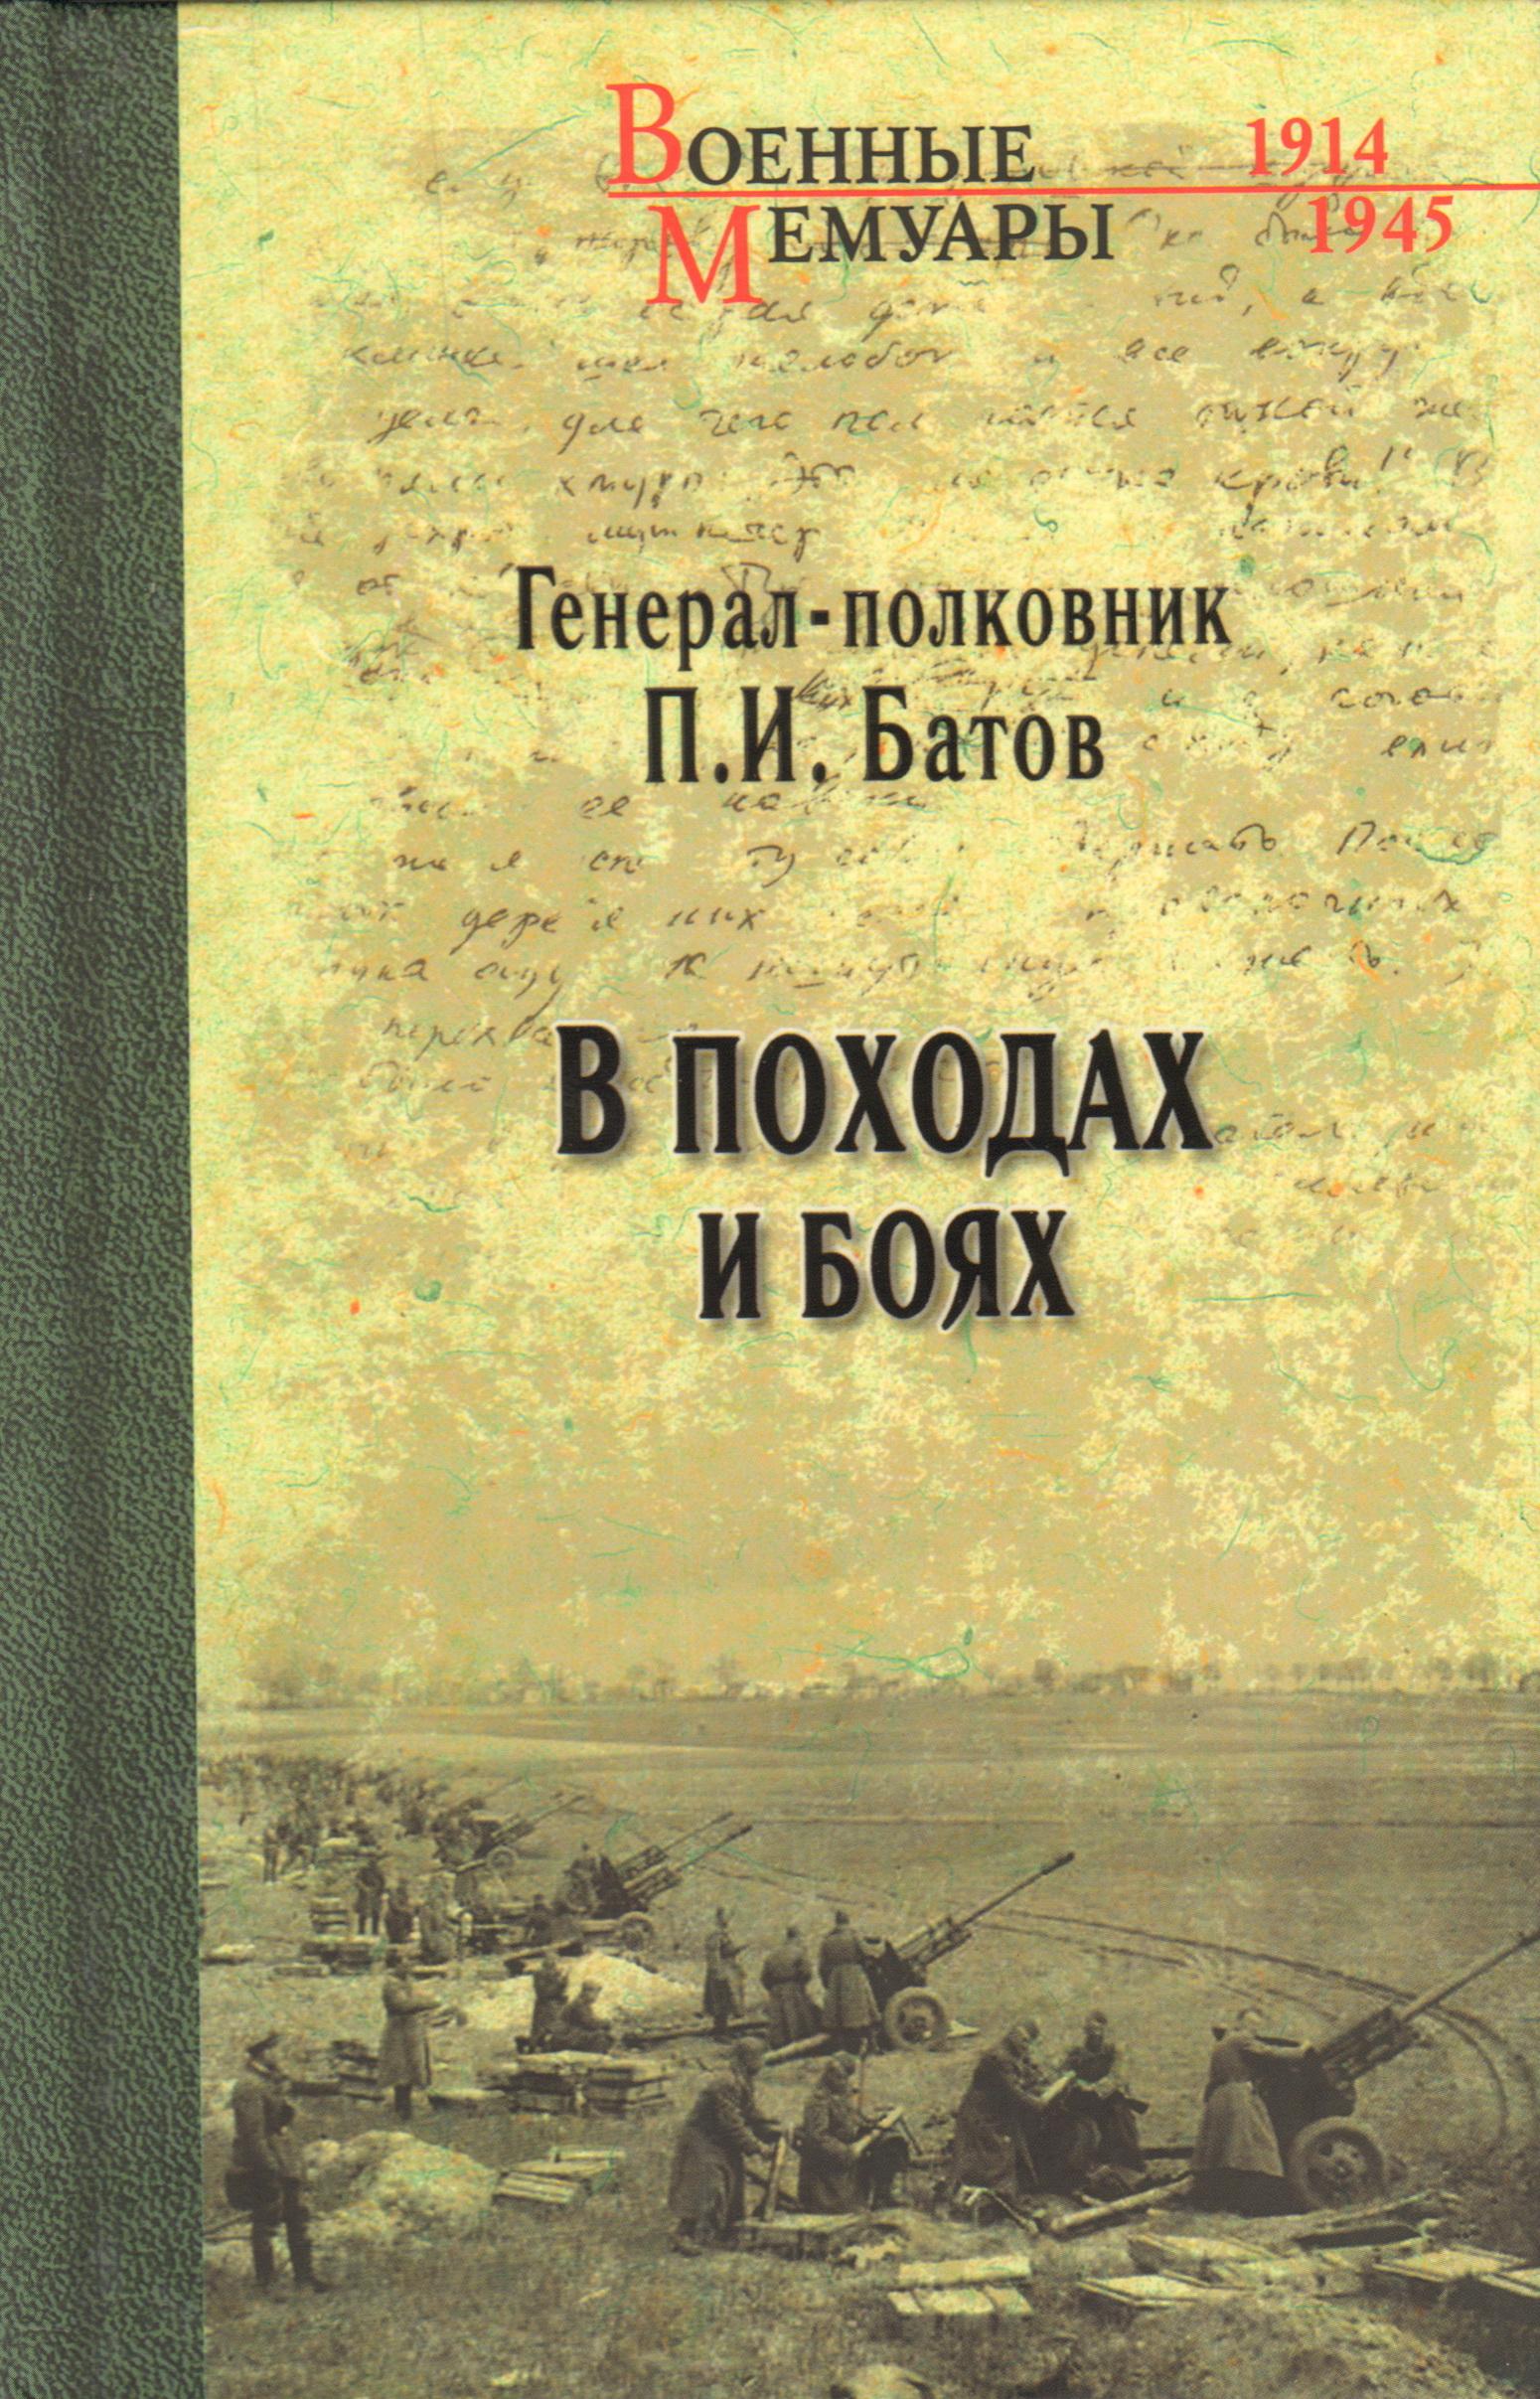 ВМ В походах и боях (12+)